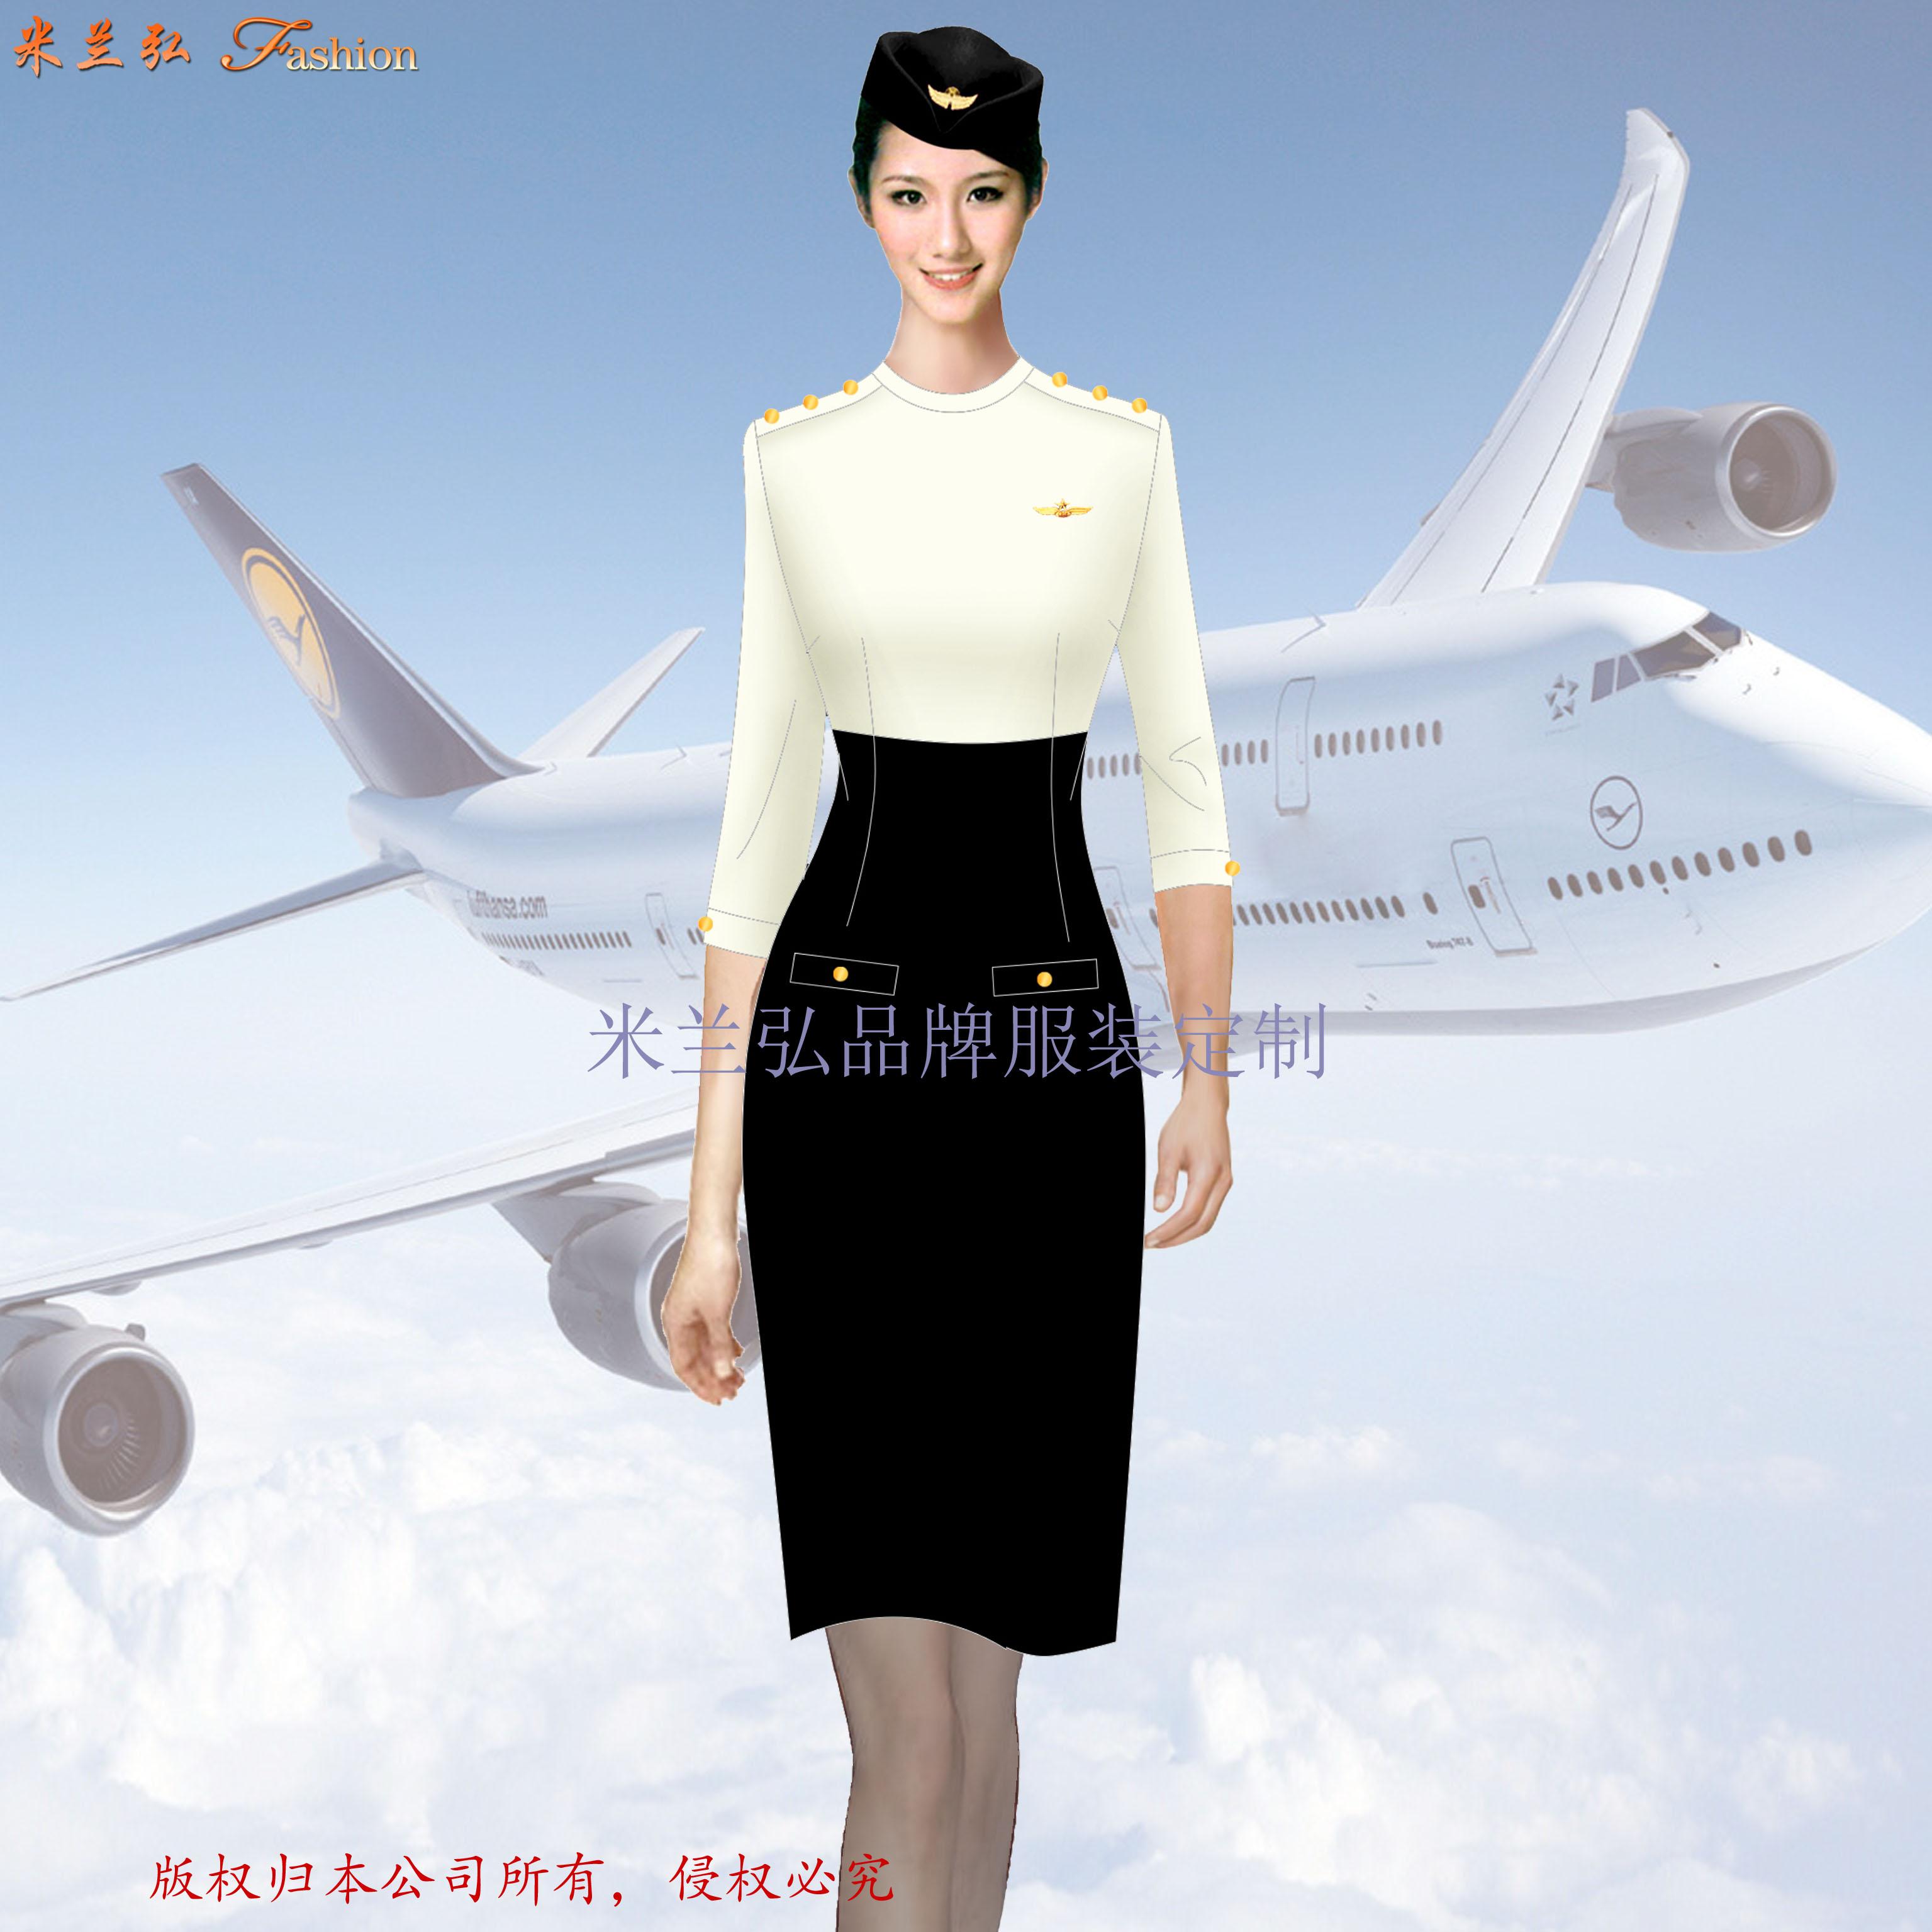 空姐制服連衣裙夏季時尚新款空姐職業裝-米蘭弘廠家-1